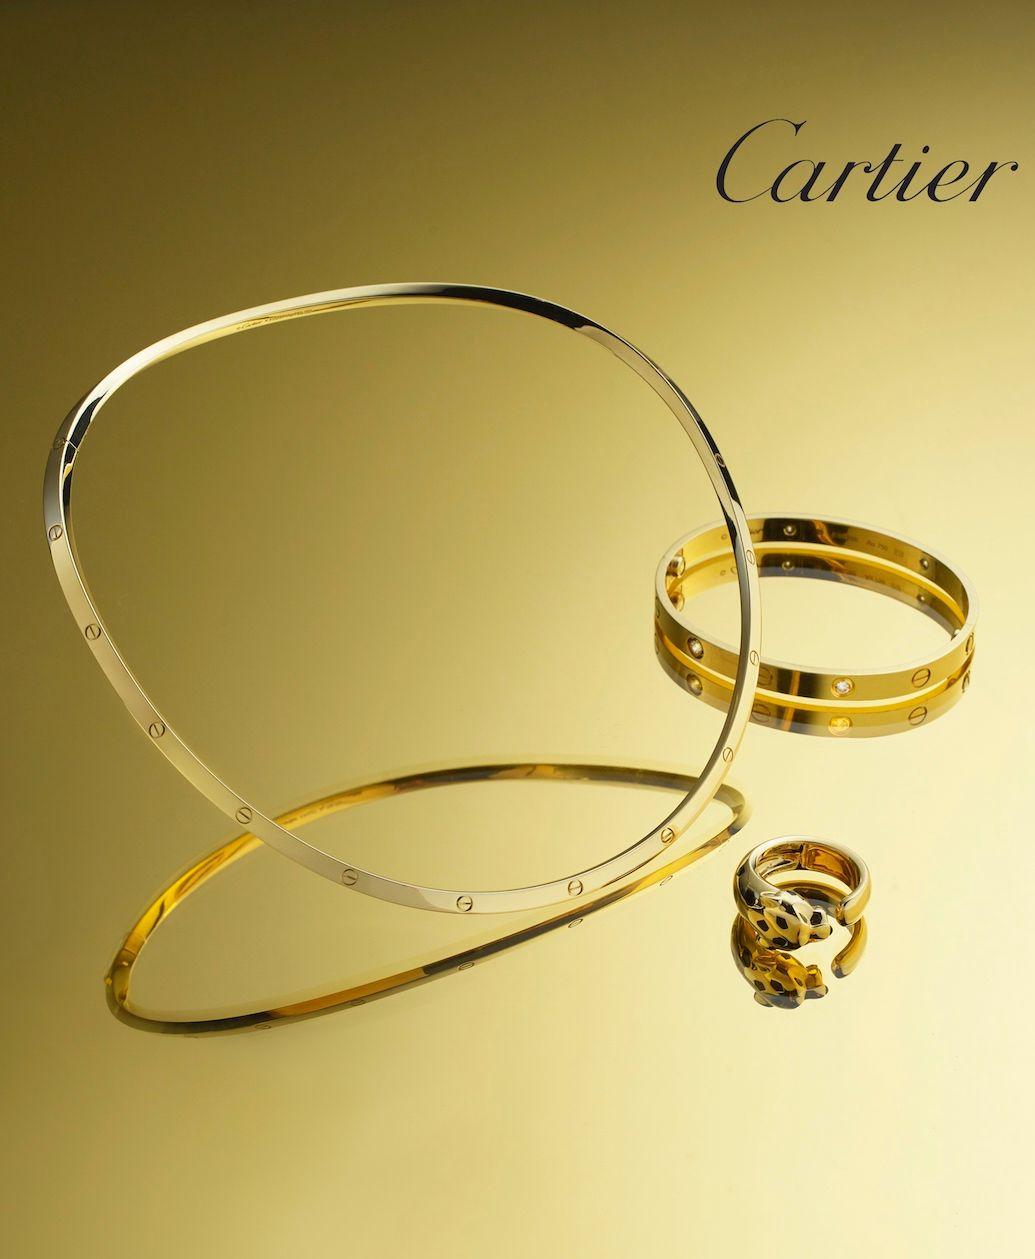 CARTIER-LEVE-GOLD.jpg